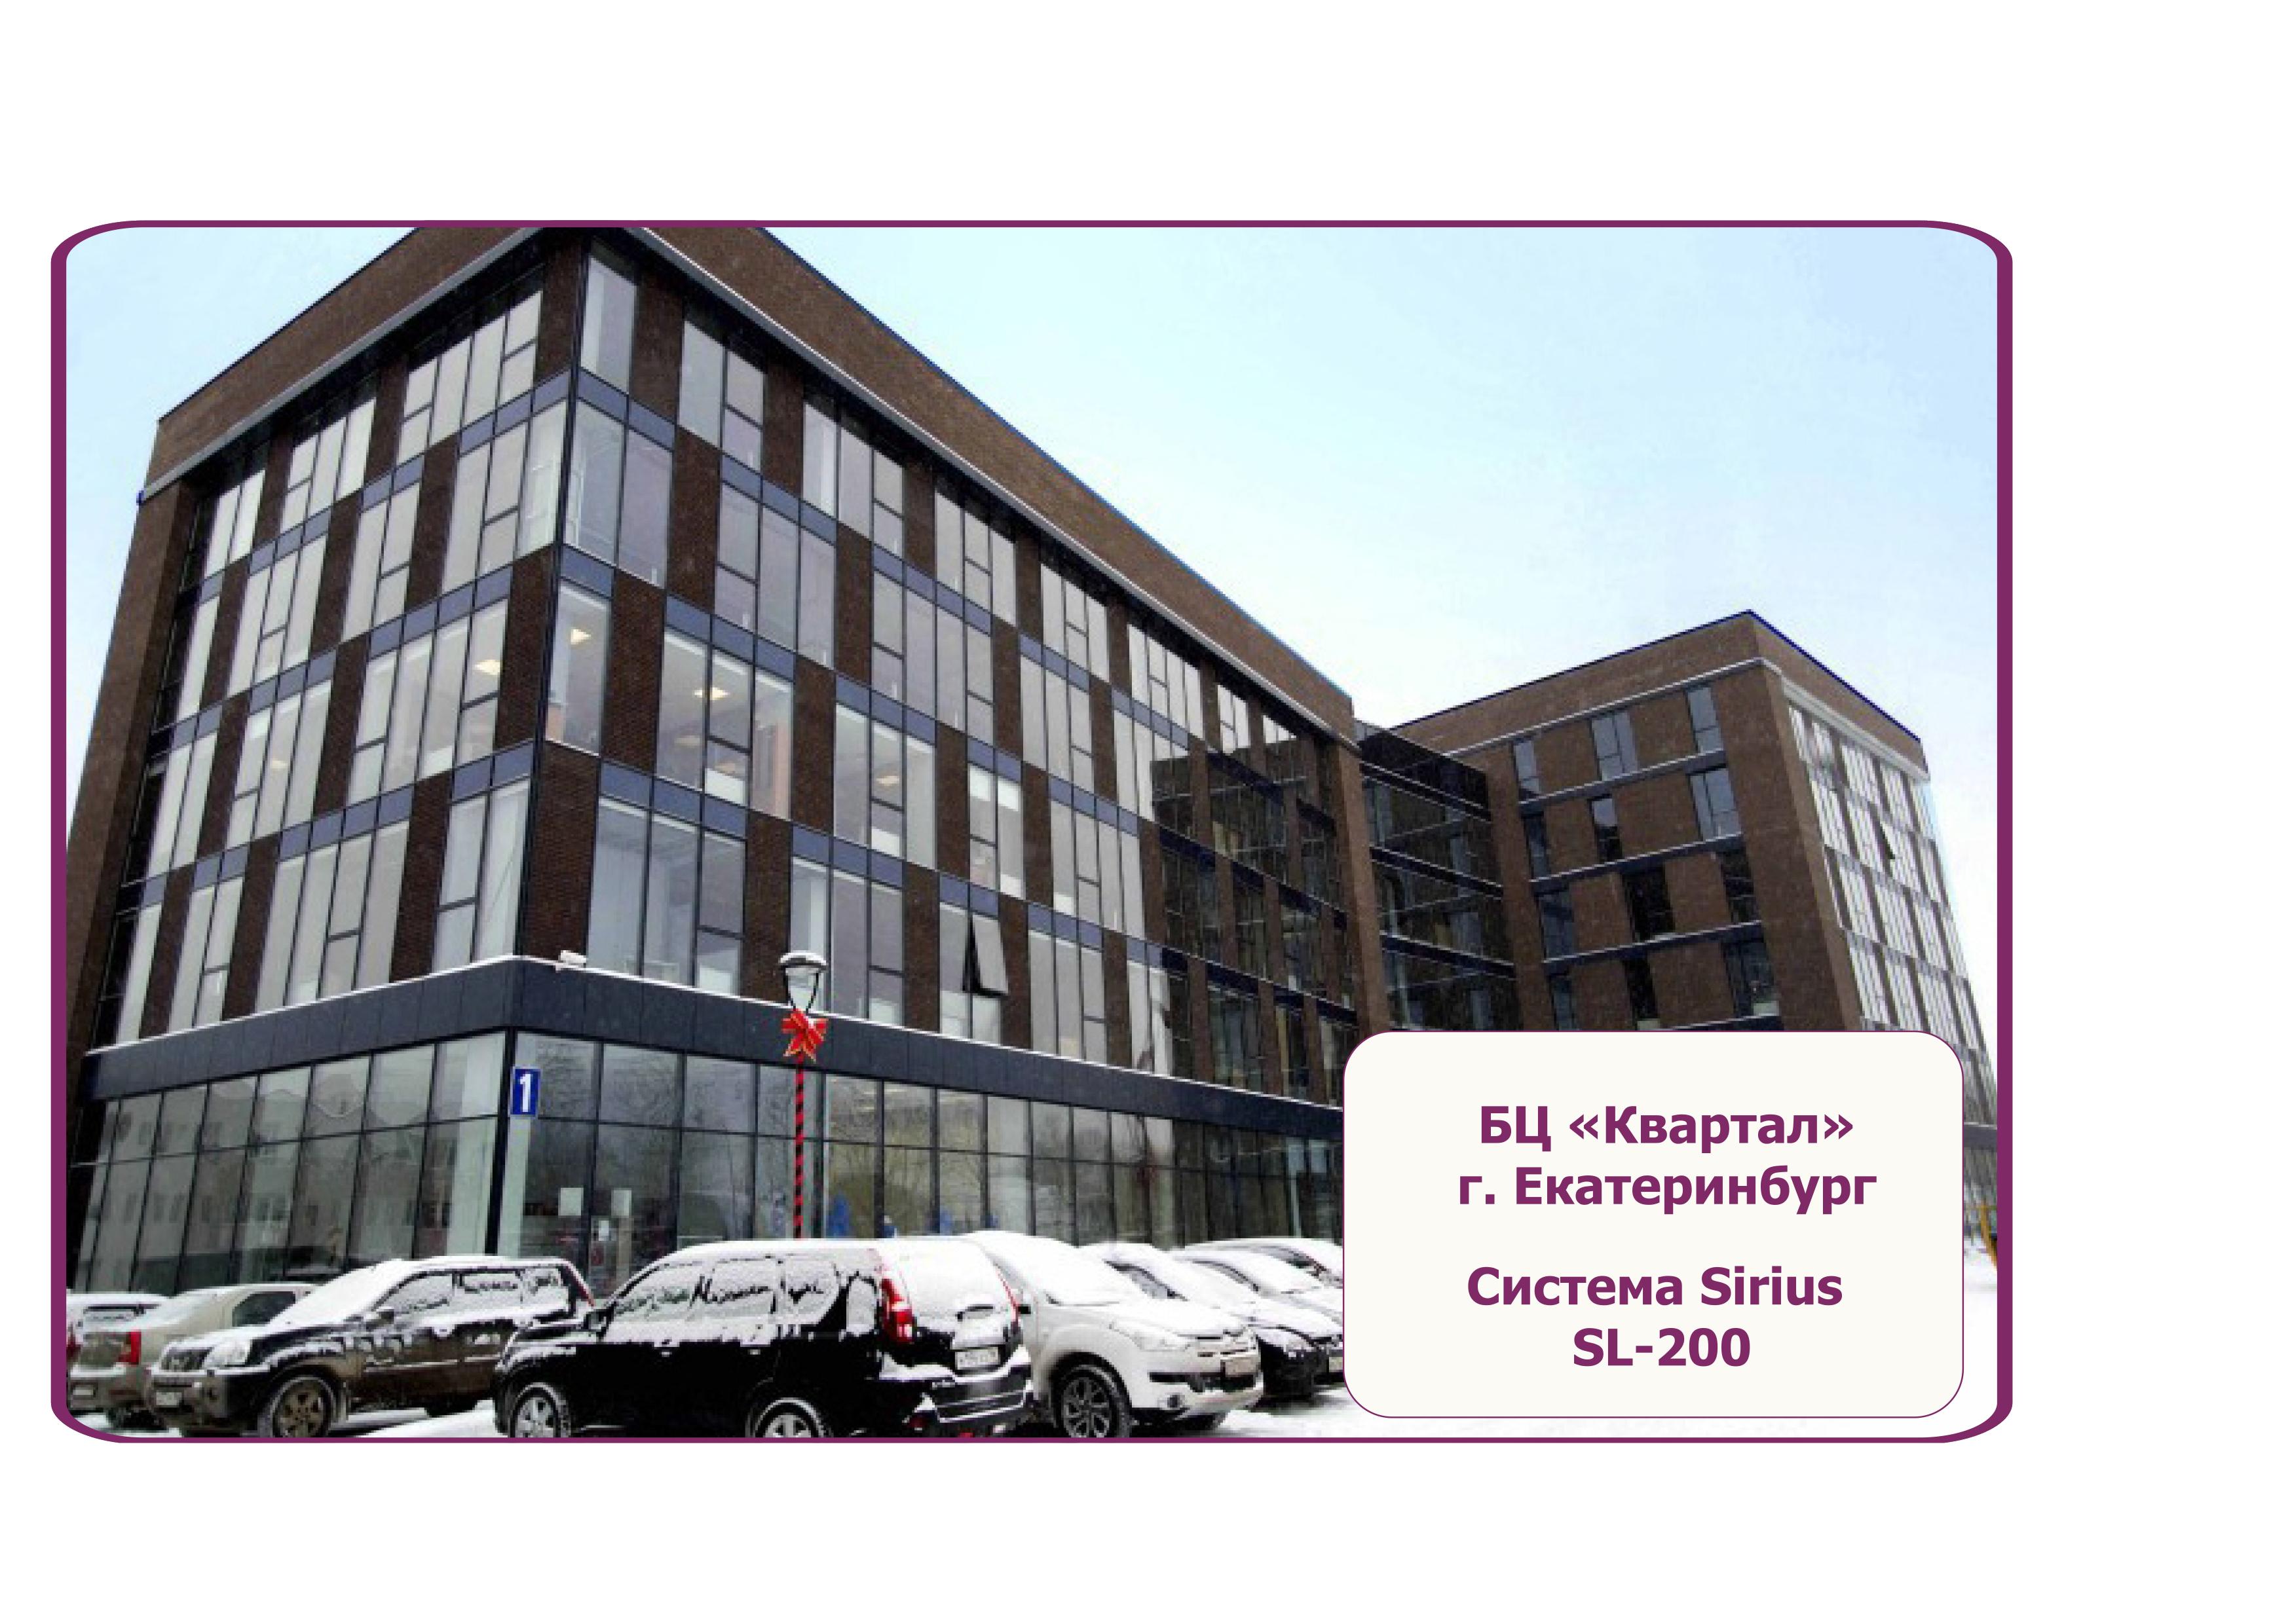 БЦ Квартал г. Екатеринбург Фасад объекта облицован на алюминиевой подсистеме SIRIUS SL-200 - композитные панели, усиленный Y-профиль